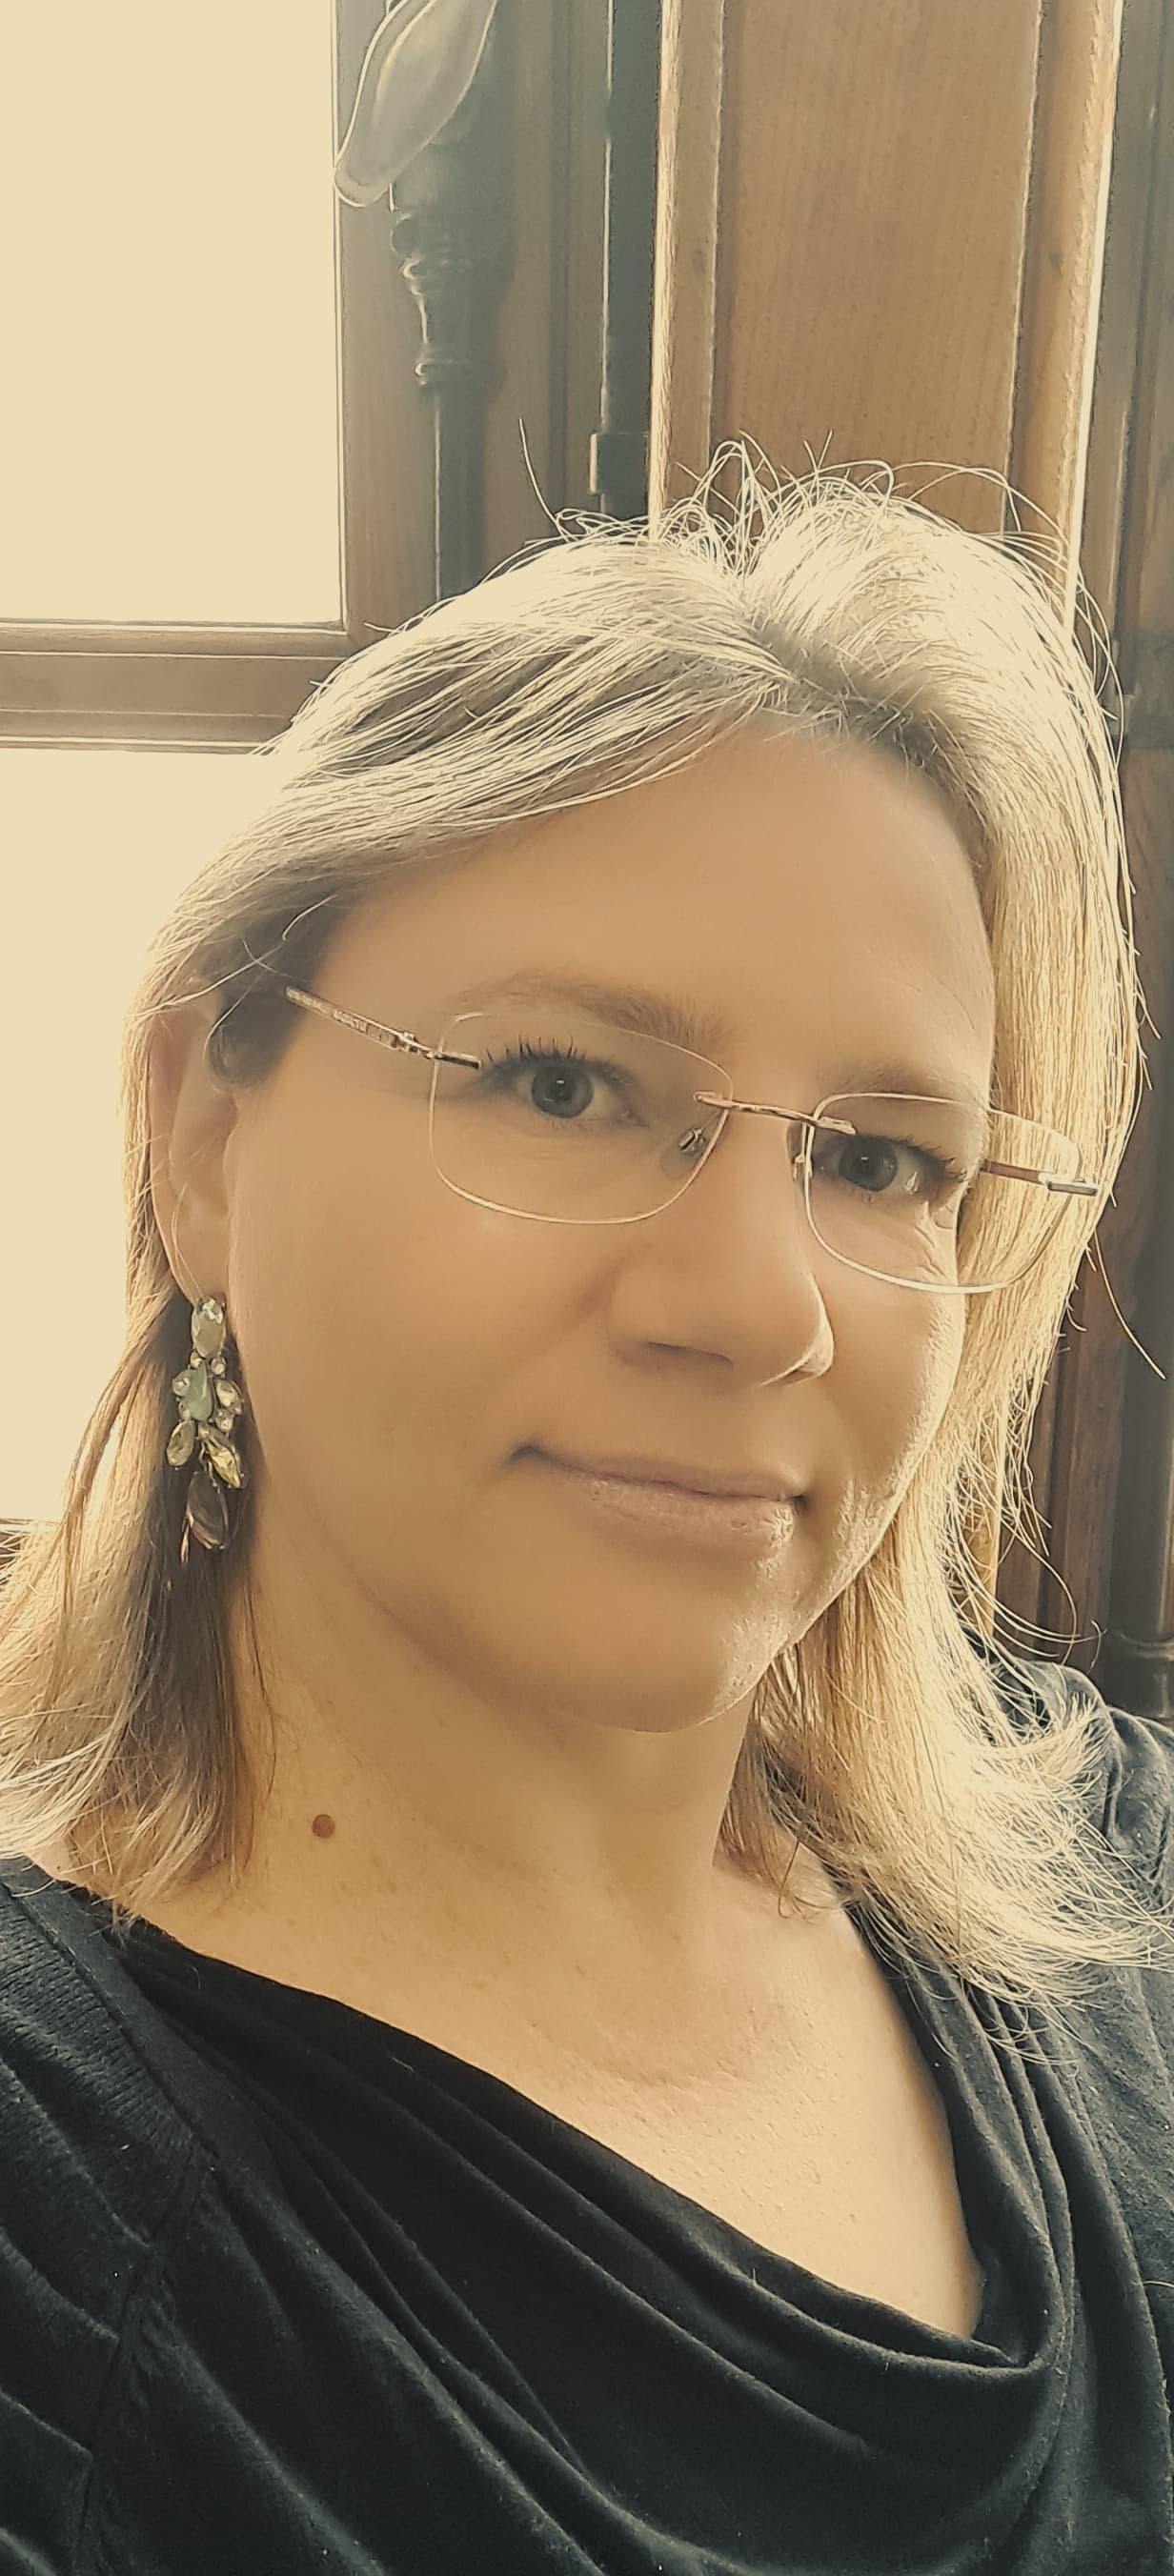 FAUCHOISSylvai